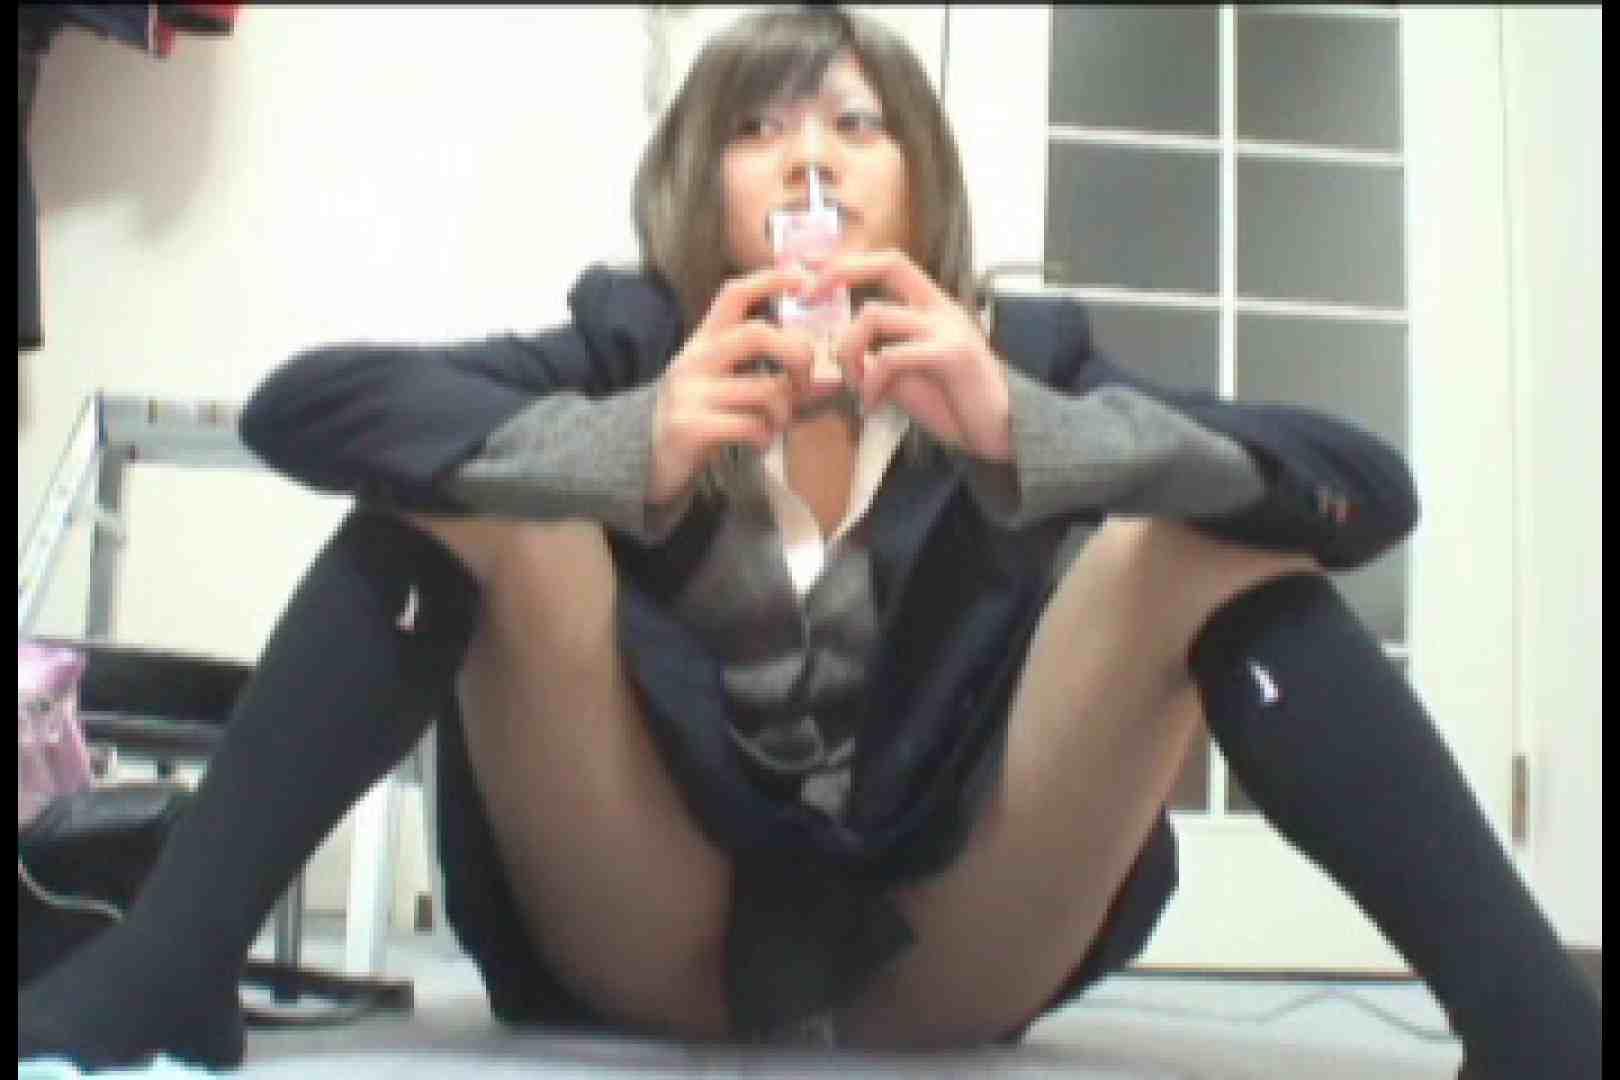 パンツ売りの女の子 れいなちゃんvol.1 OLのボディ のぞき動画画像 87PIX 77